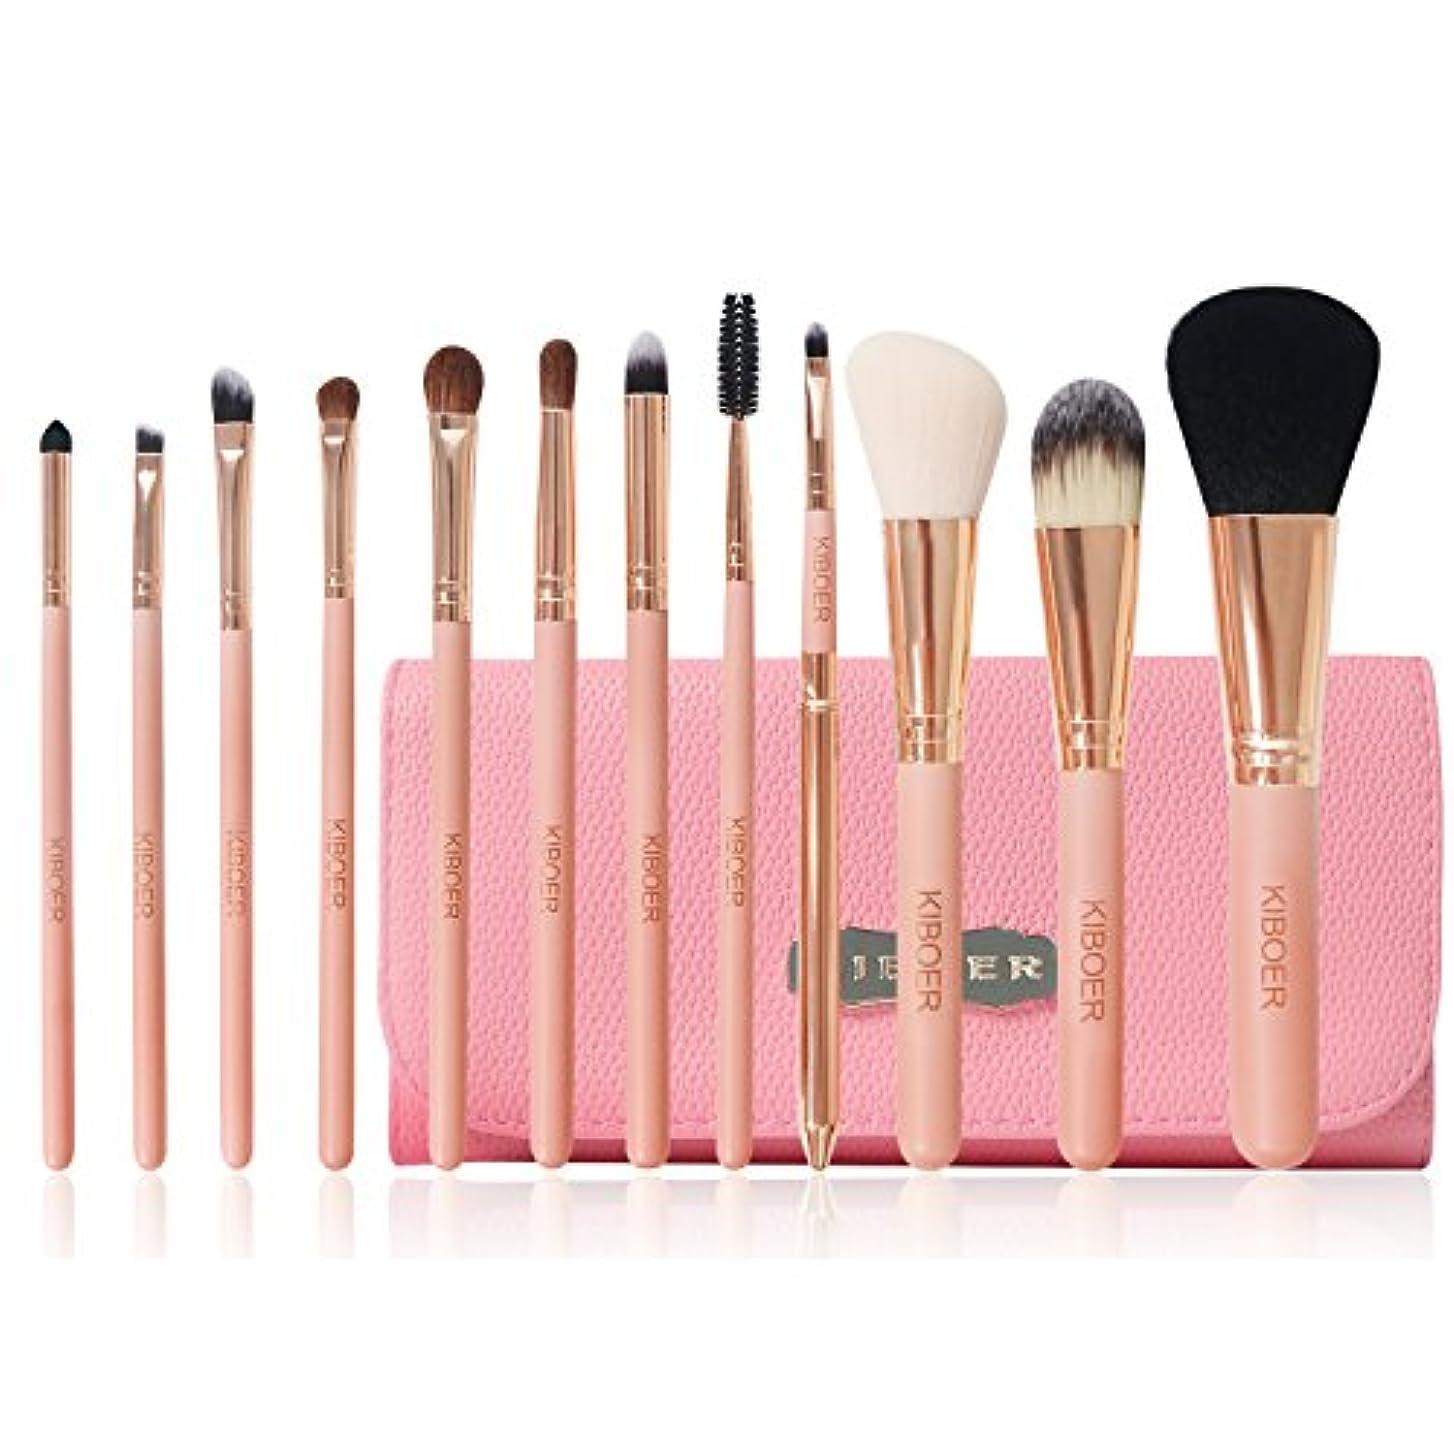 金銭的ポスト印象派フライトKiboer メイクブラシ 12本セット メイクブラシセット 化粧筆 馬毛をふんだんに使用 乾きが速い 高品質PUレザー化粧ポーチ付き (ピンク)